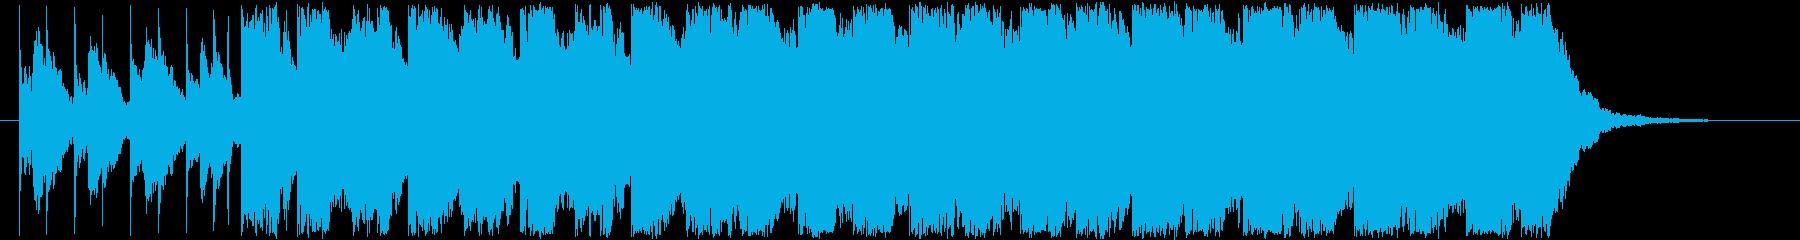 ミステリアスでホラーなBGM。の再生済みの波形